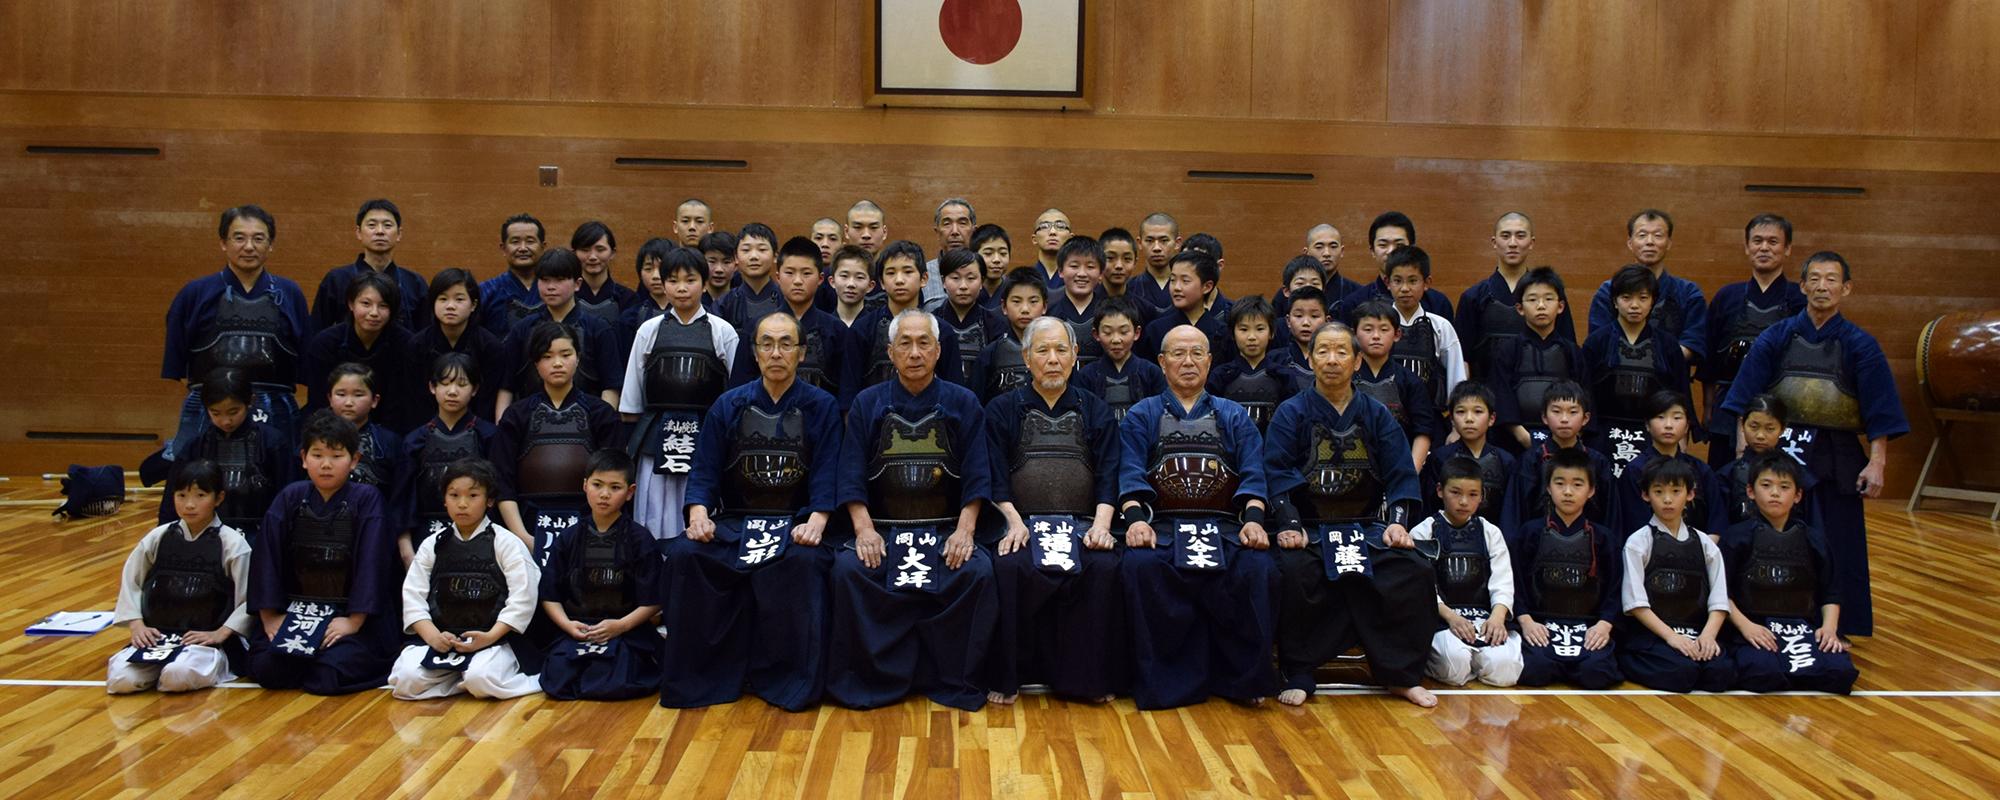 津山剣道学園